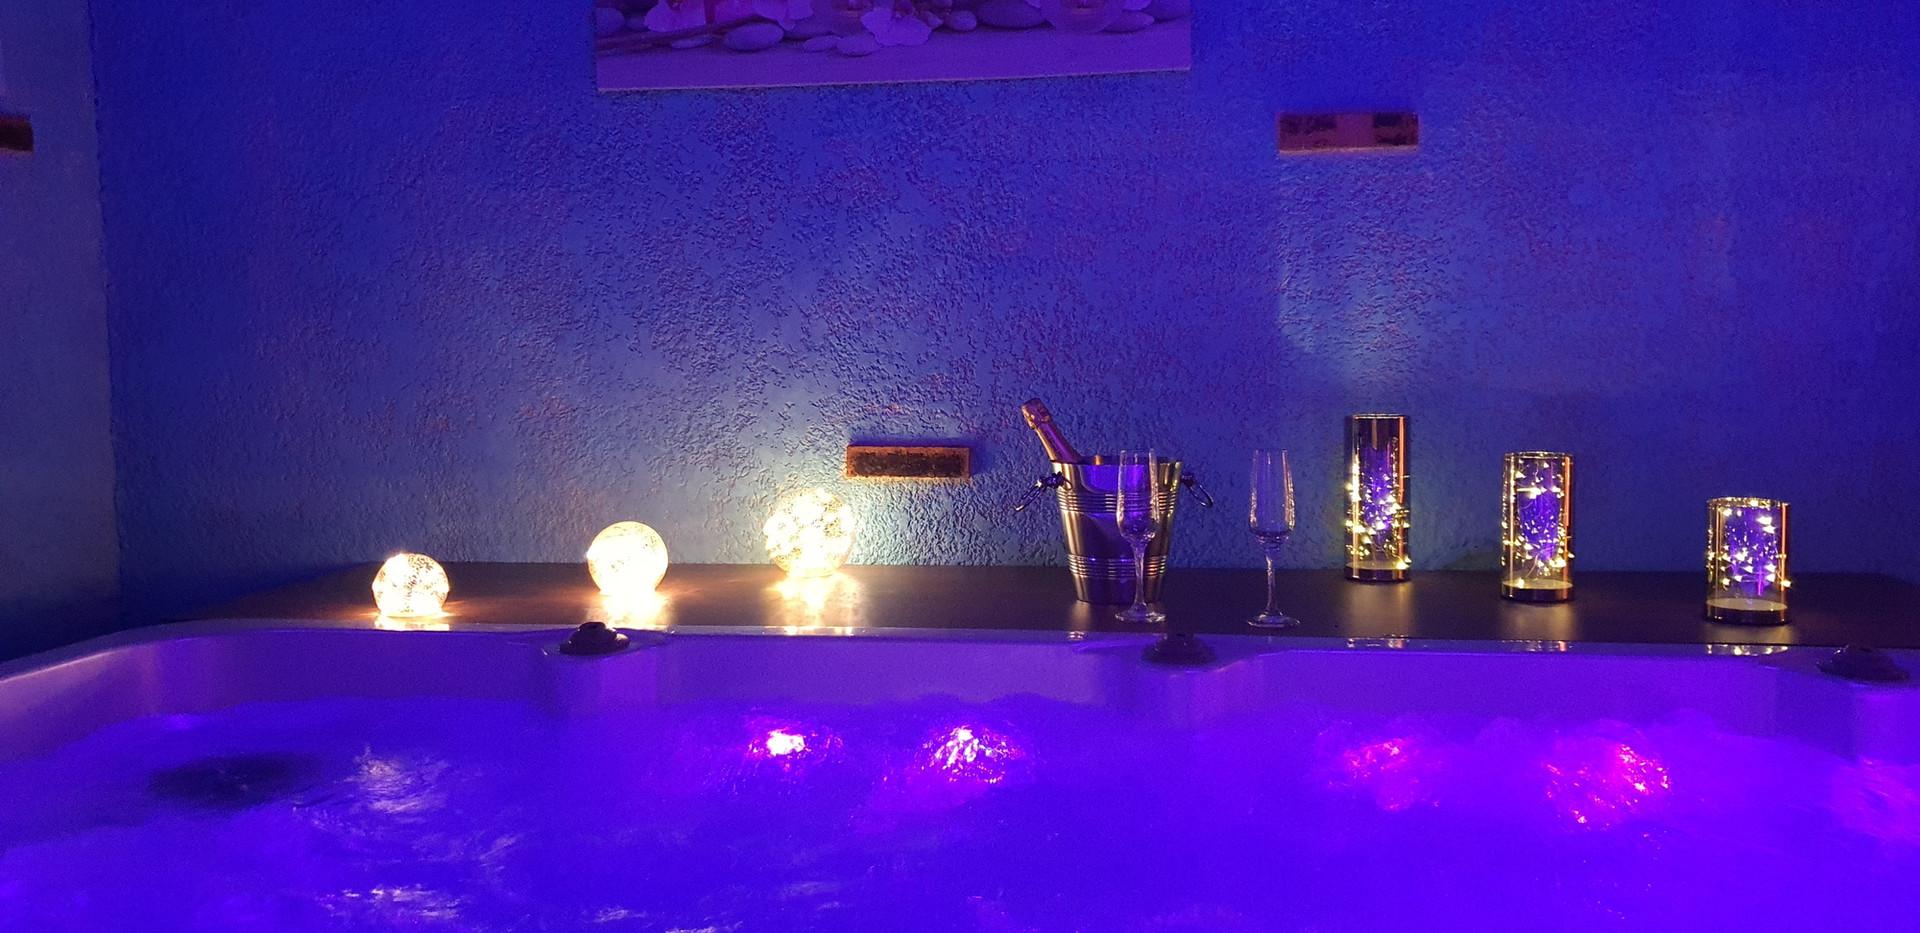 Les lumignons du spa avec l'option Fèèrie d'amour